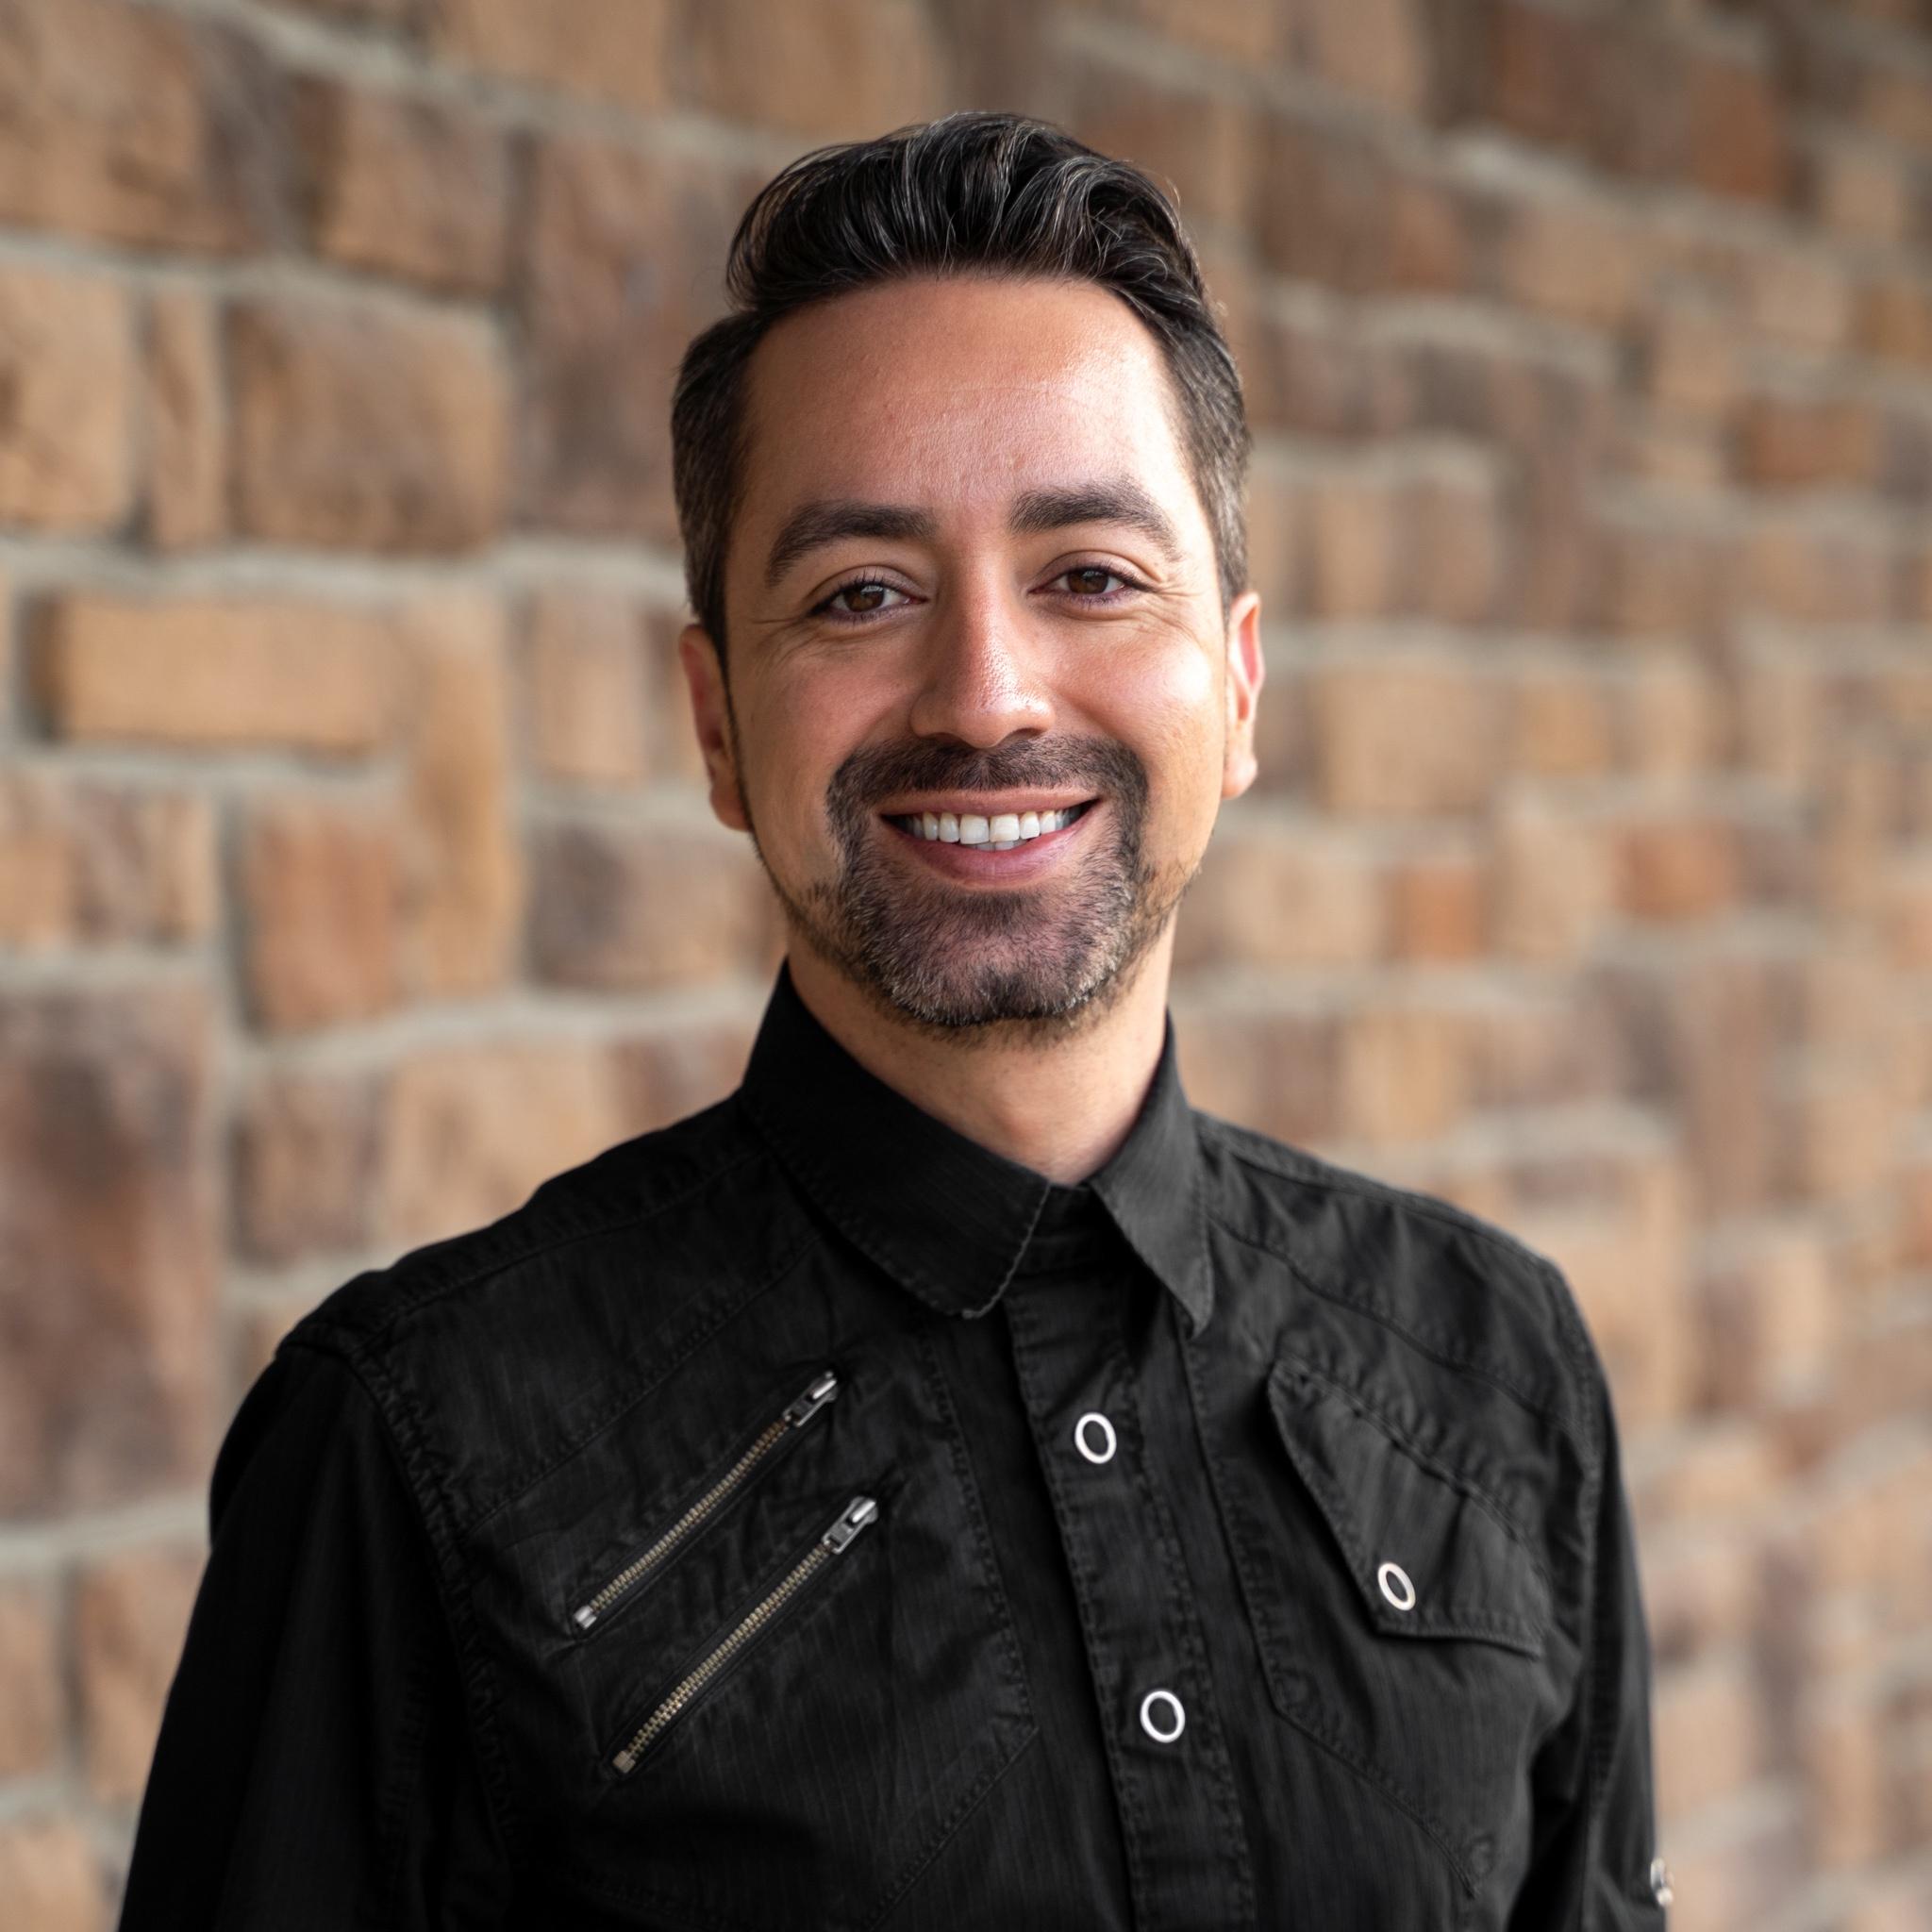 Joe Oliva